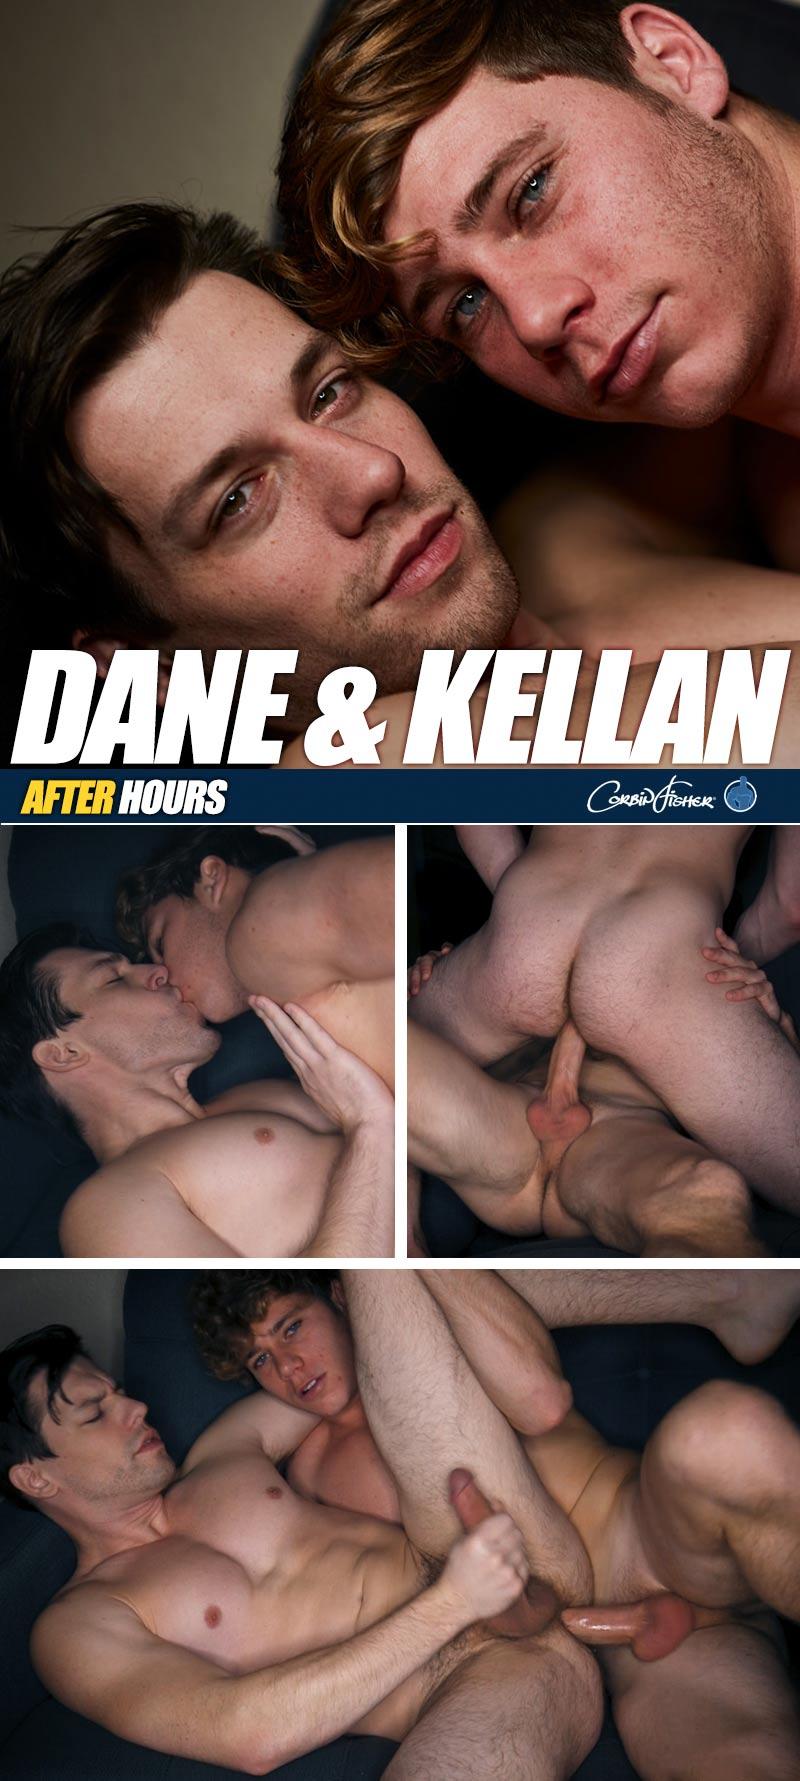 Dane & Kellan After Hours at CorbinFisher